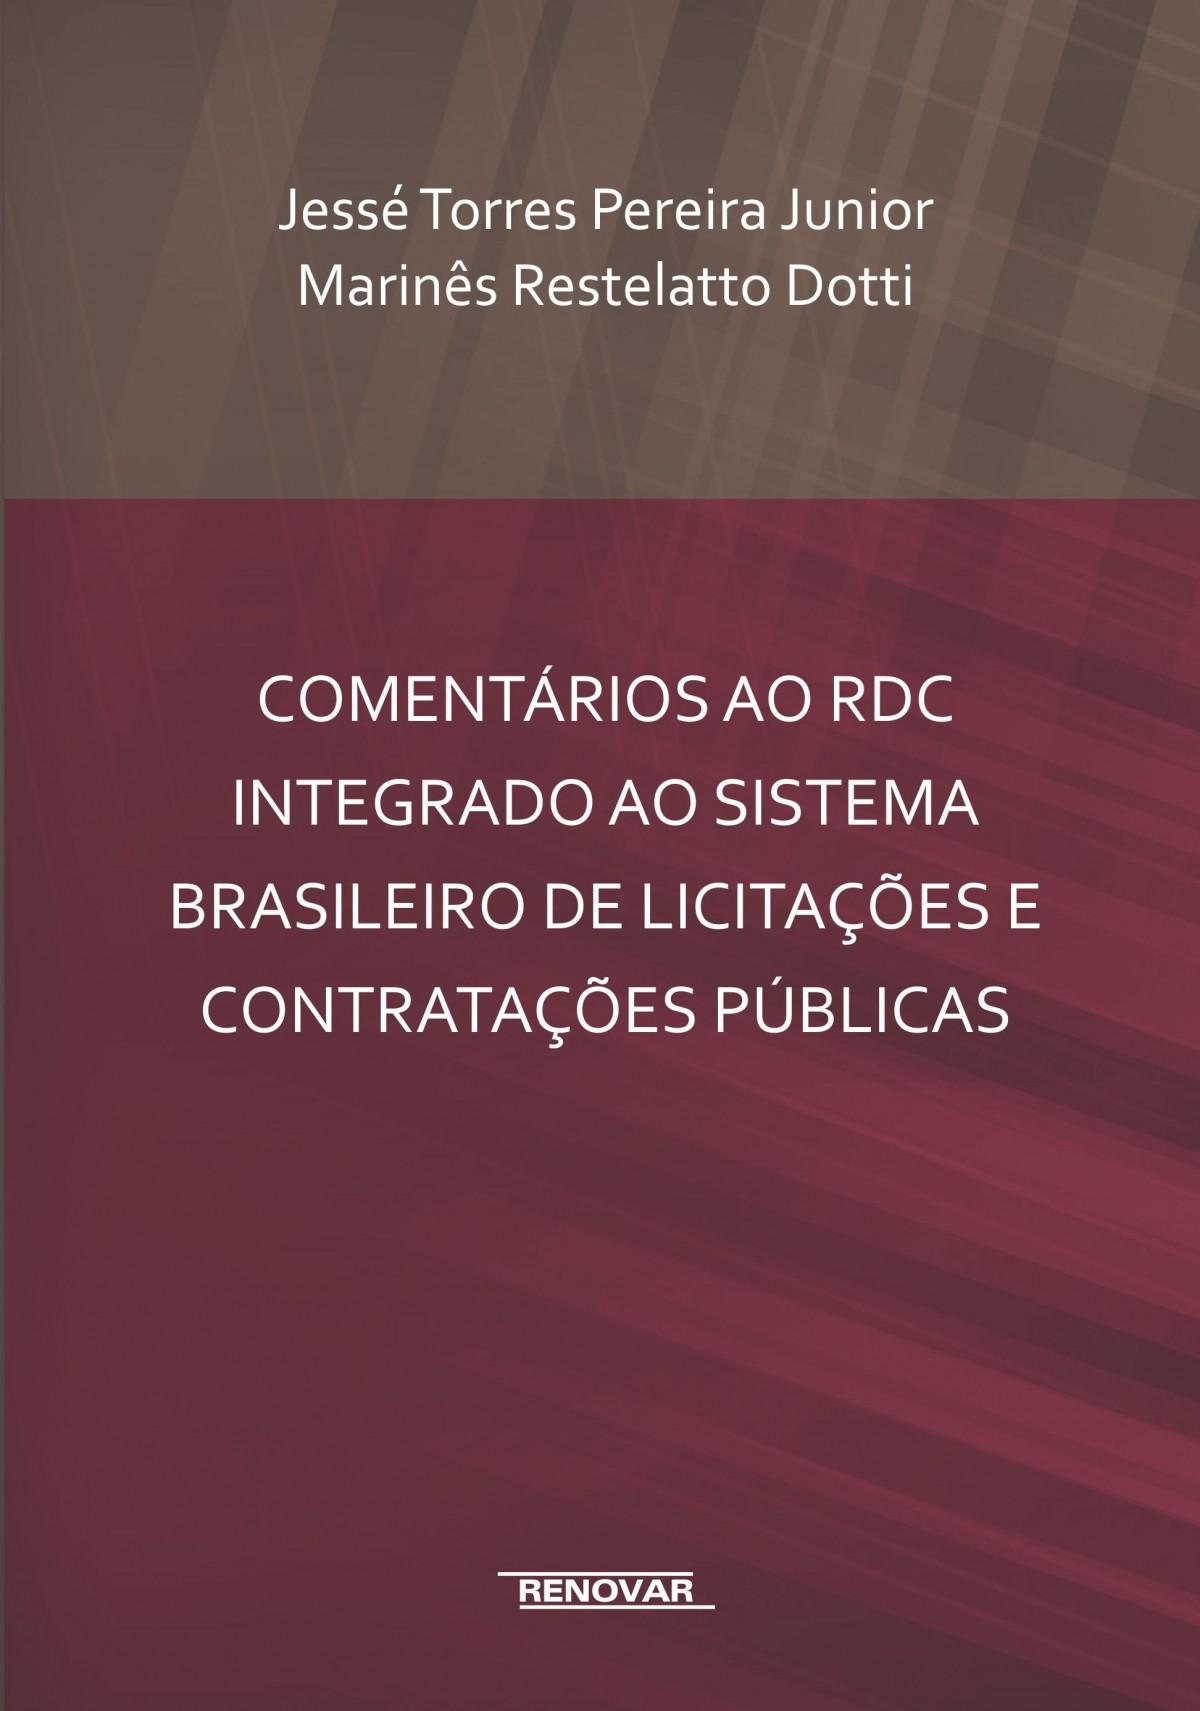 Foto 1 - Comentários ao RDC Integrado ao Sistema Brasileiro de Licitações e Contratações Públicas